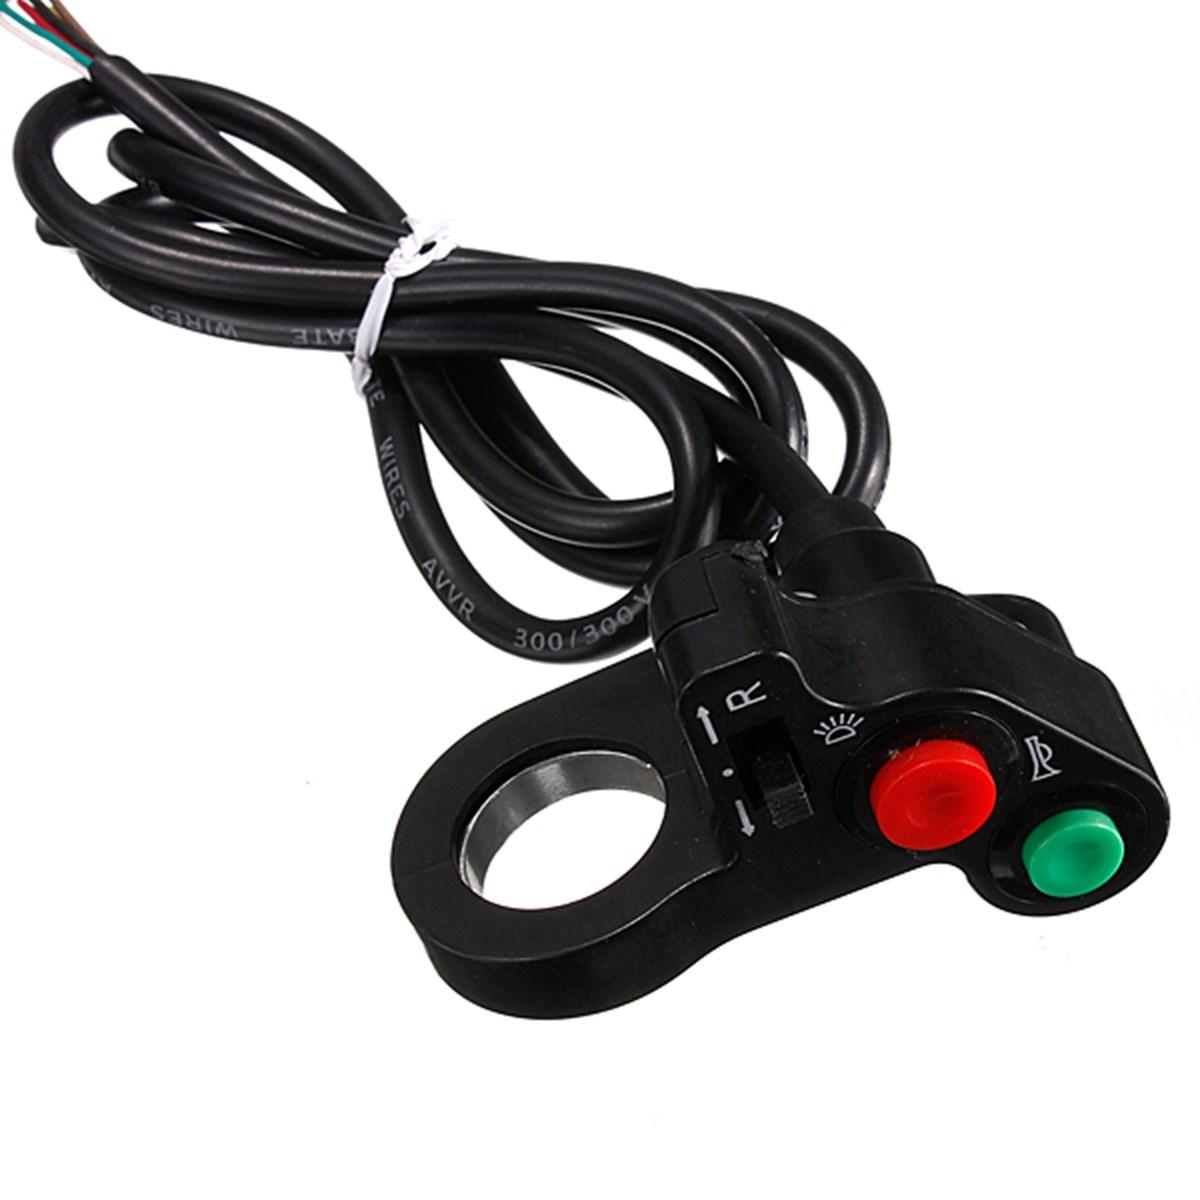 Audew 12v-и мото-рог указатель поворота включения / выключения кнопка W / красный зеленый для 7/8 '' руль байк мопедов ATV